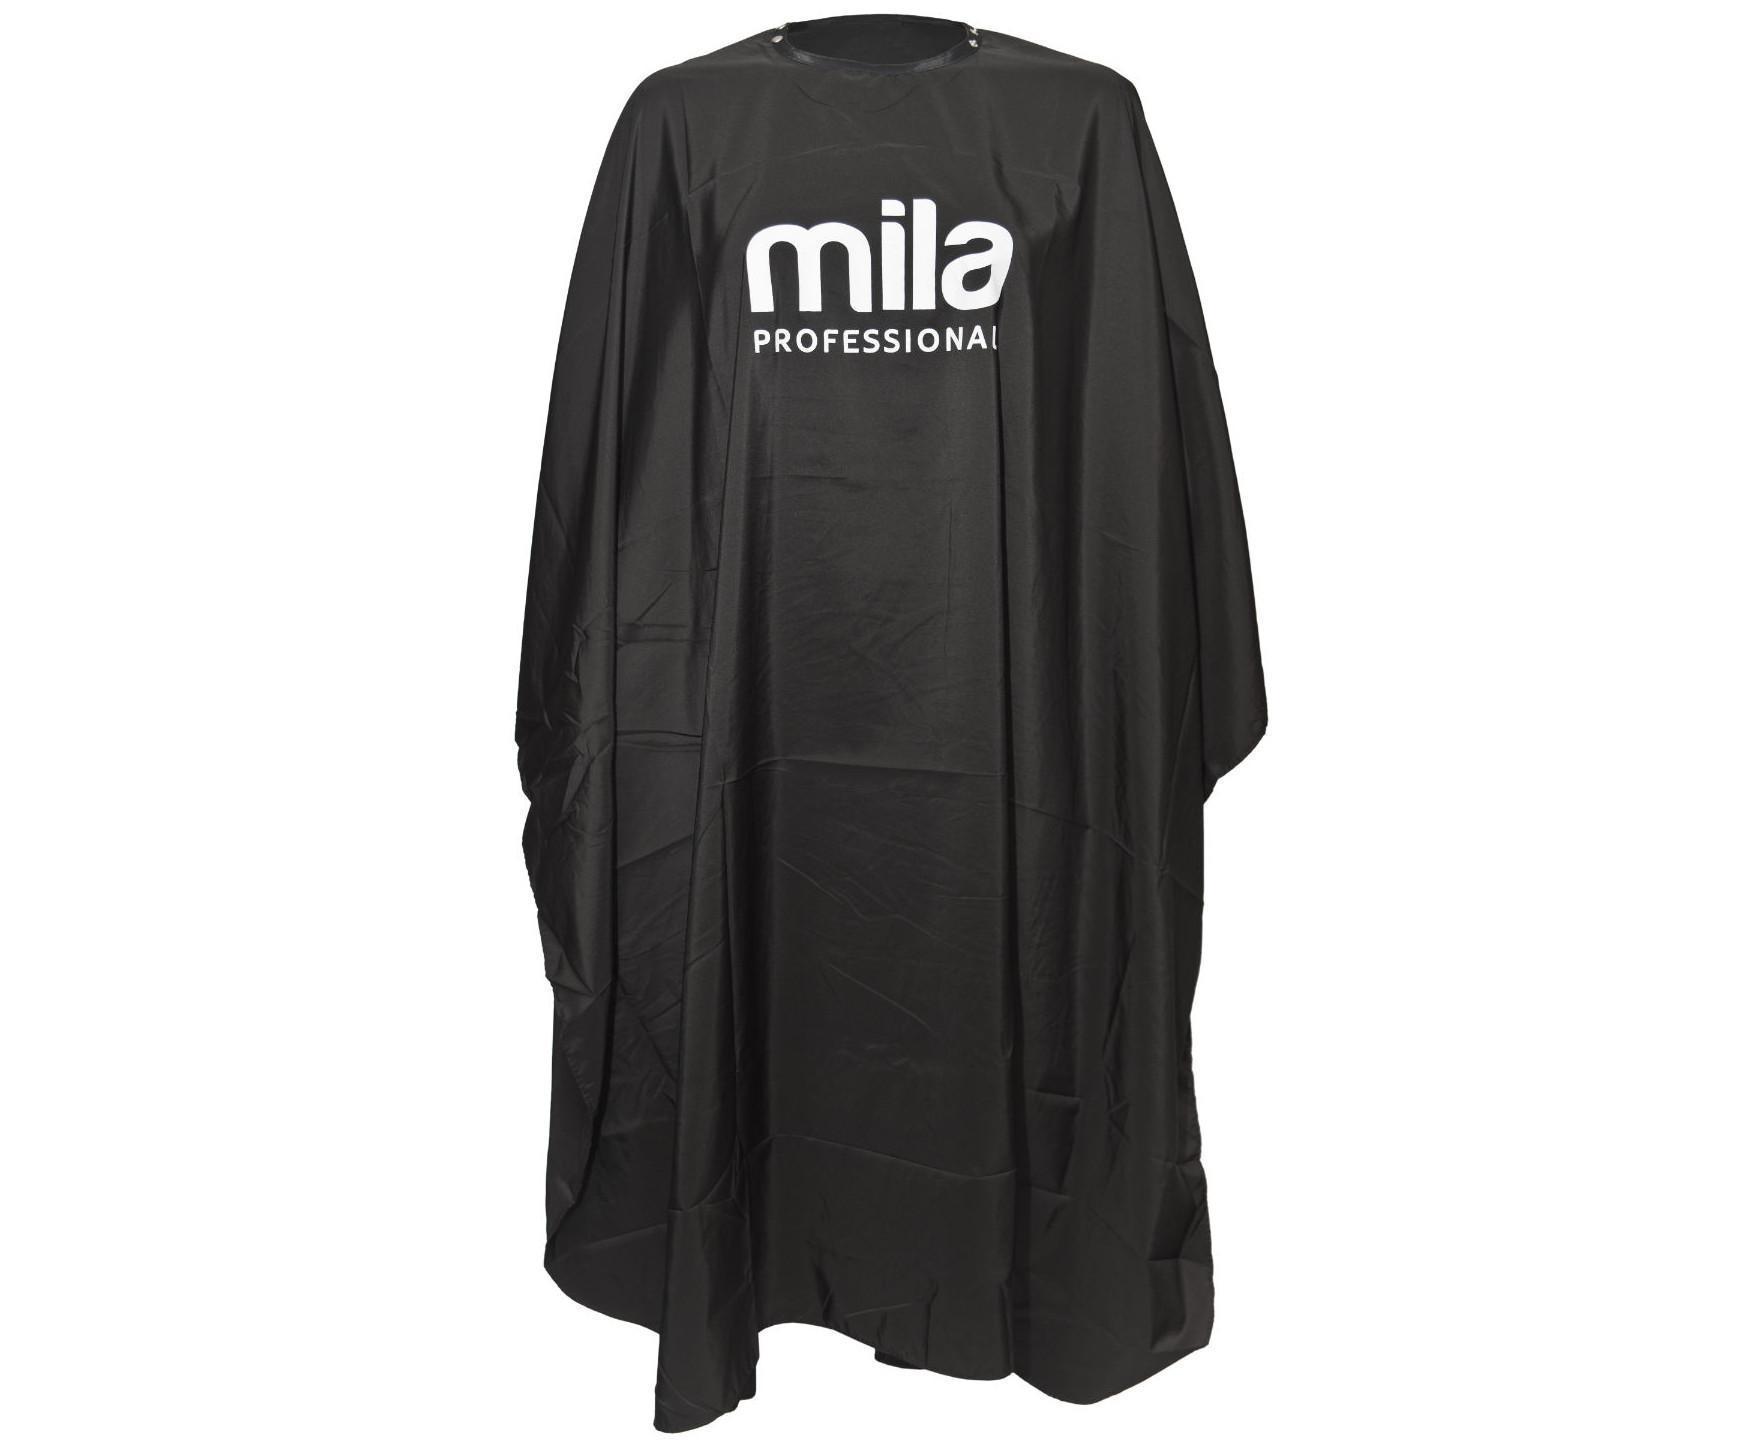 Kadeřnická pláštěnka na stříhání a barvení Mila - černá (0109920) + DÁREK ZDARMA